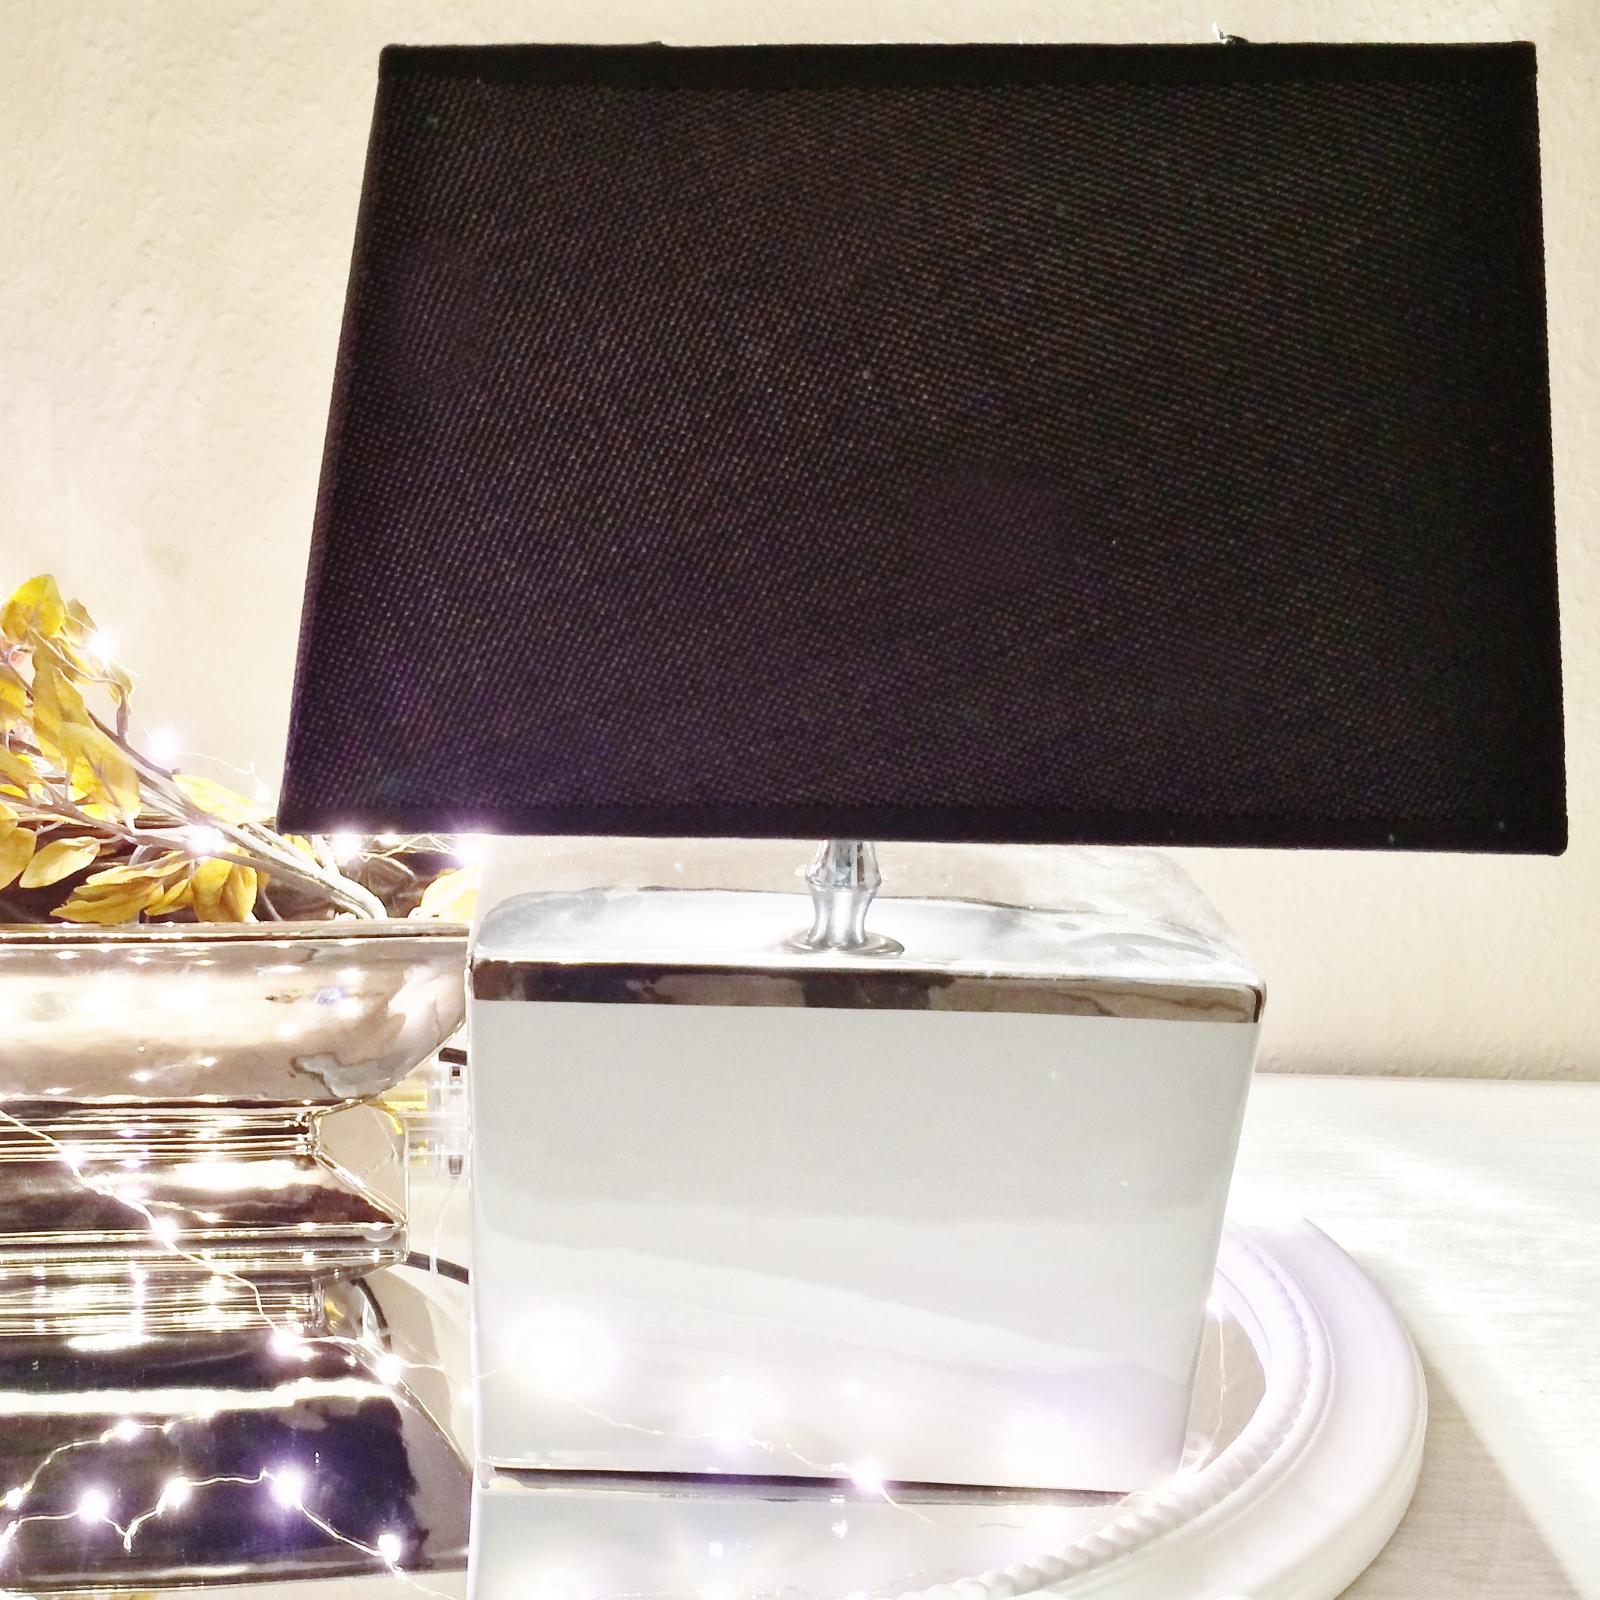 rechteckig tischlampe grau silber shabby chic tischleuchte. Black Bedroom Furniture Sets. Home Design Ideas